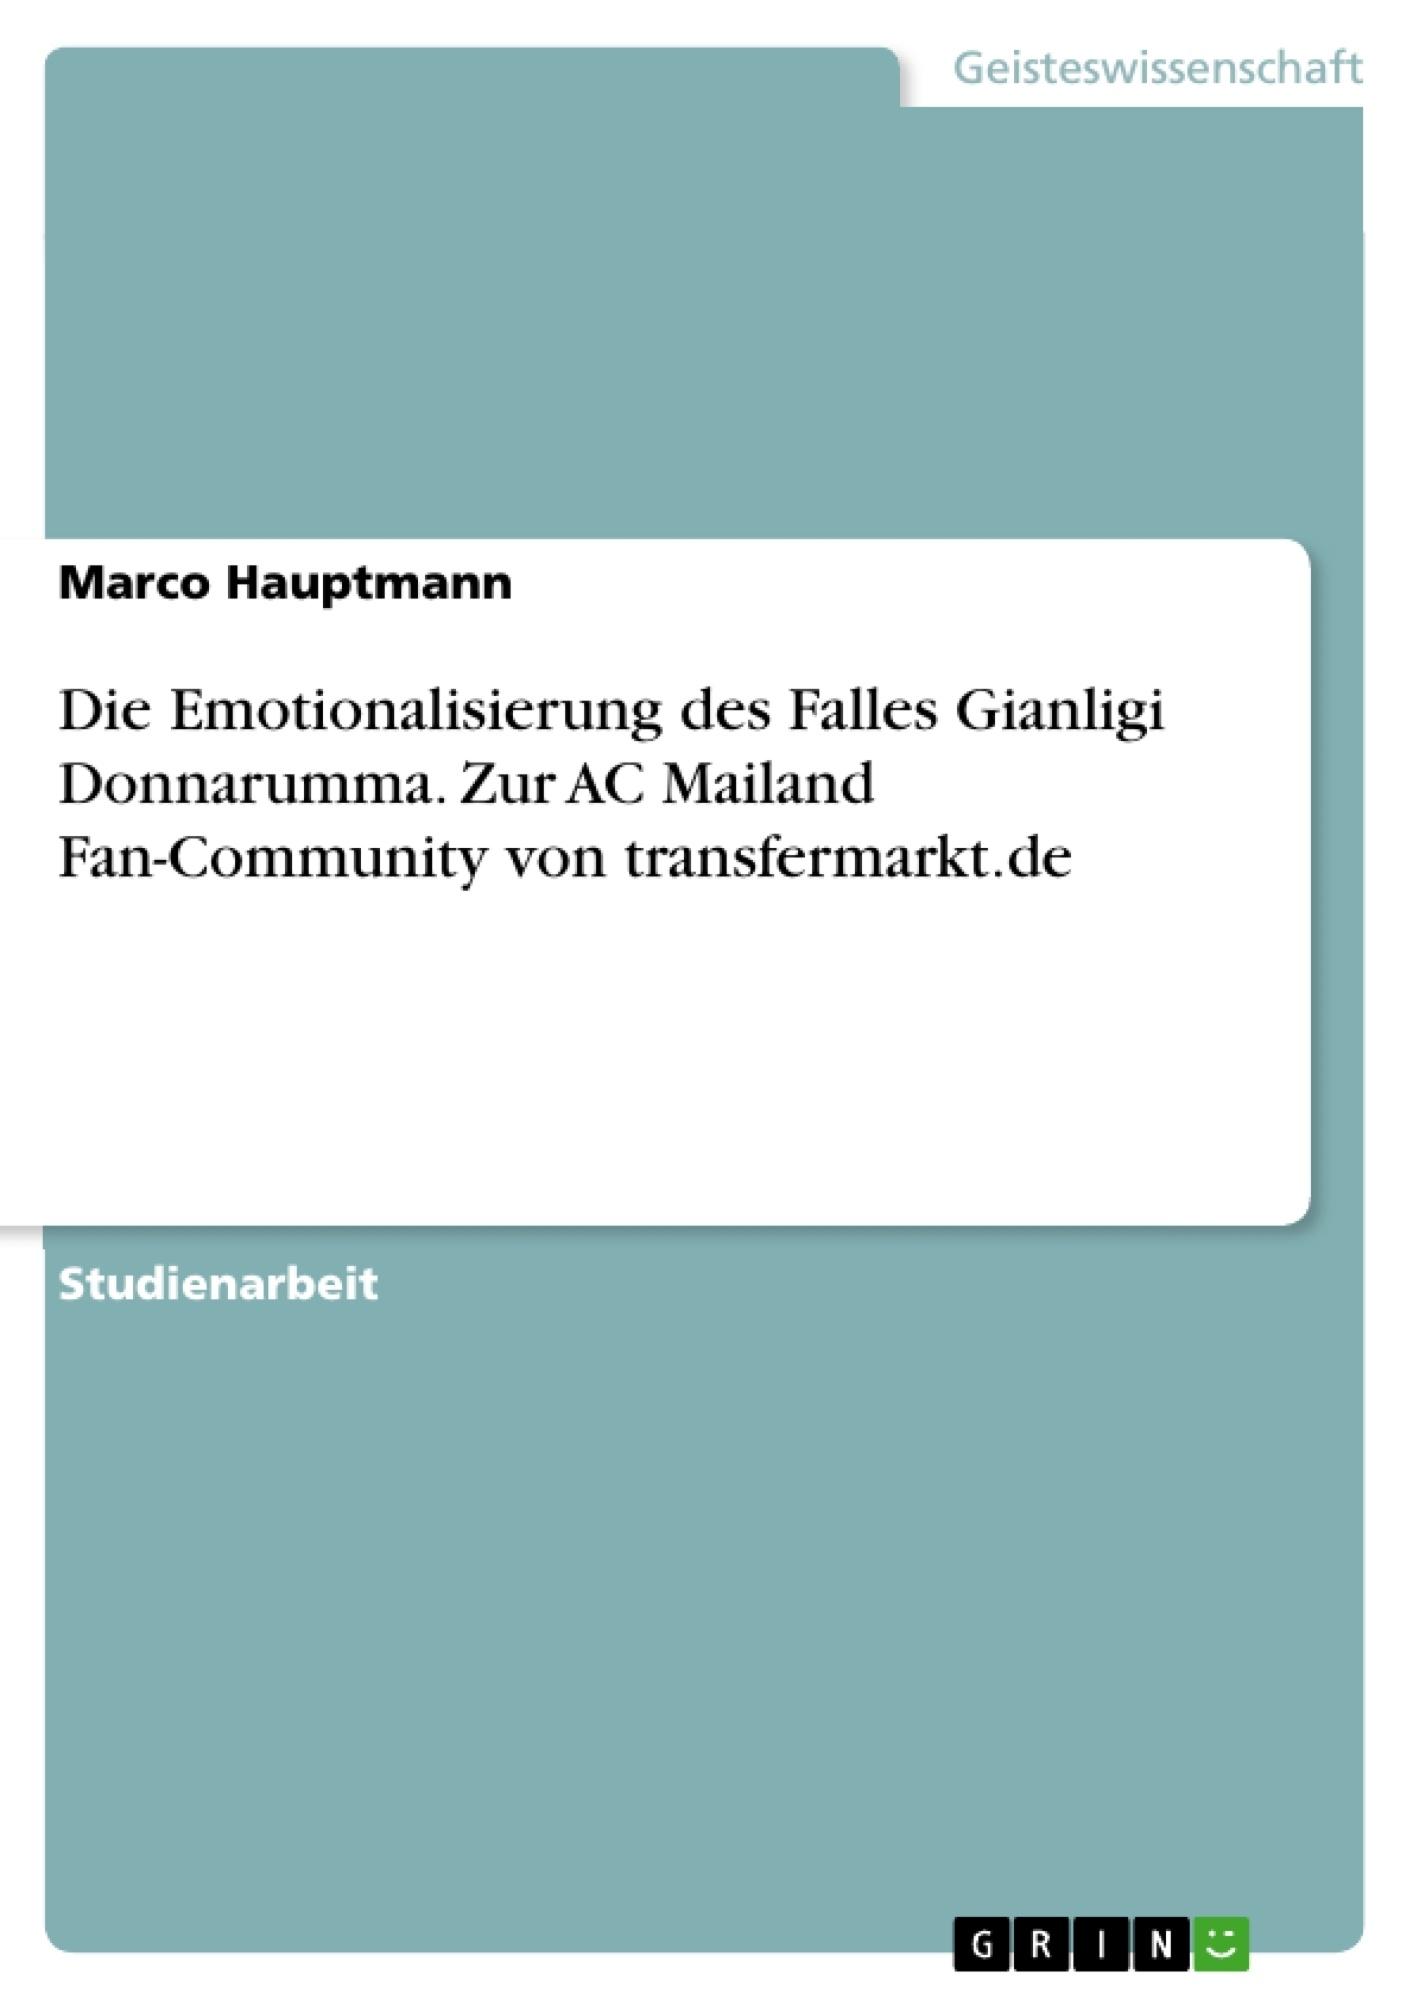 Titel: Die Emotionalisierung des Falles Gianligi Donnarumma. Zur AC Mailand Fan-Community von transfermarkt.de